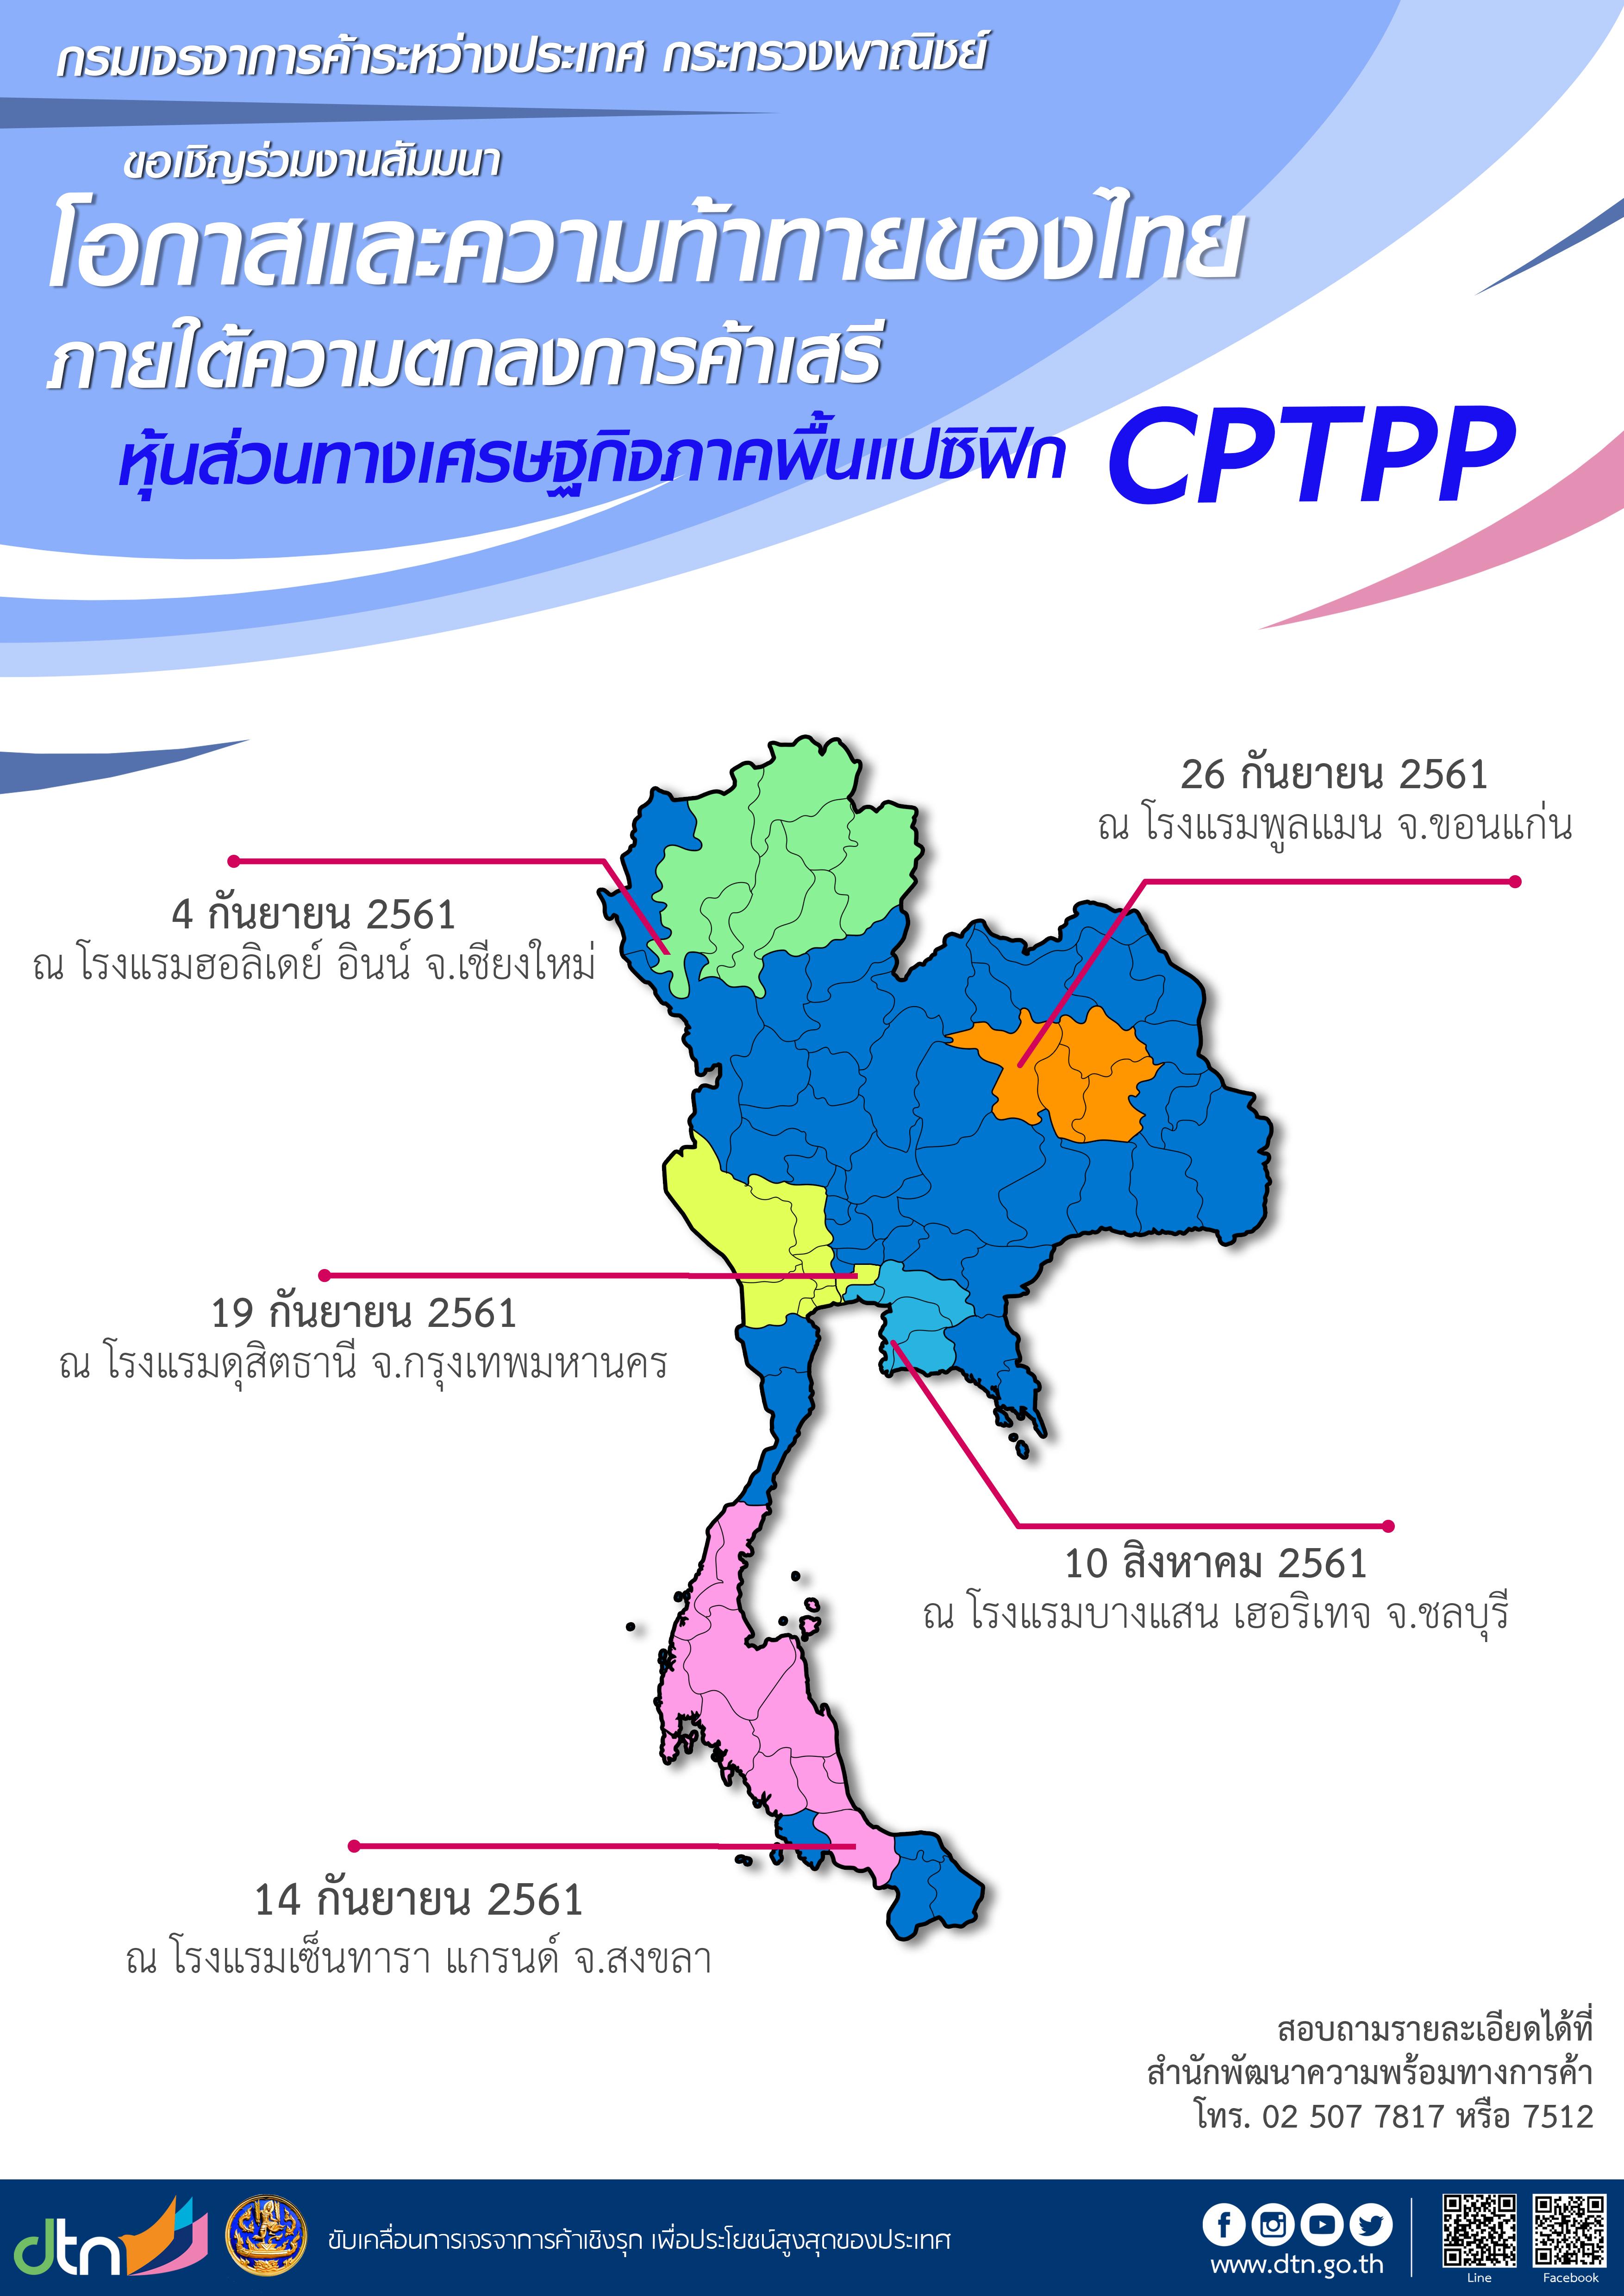 'พาณิชย์' เจรจา CPTPP โปร่งใส เดินสายรับฟังความเห็นทั่วประเทศ